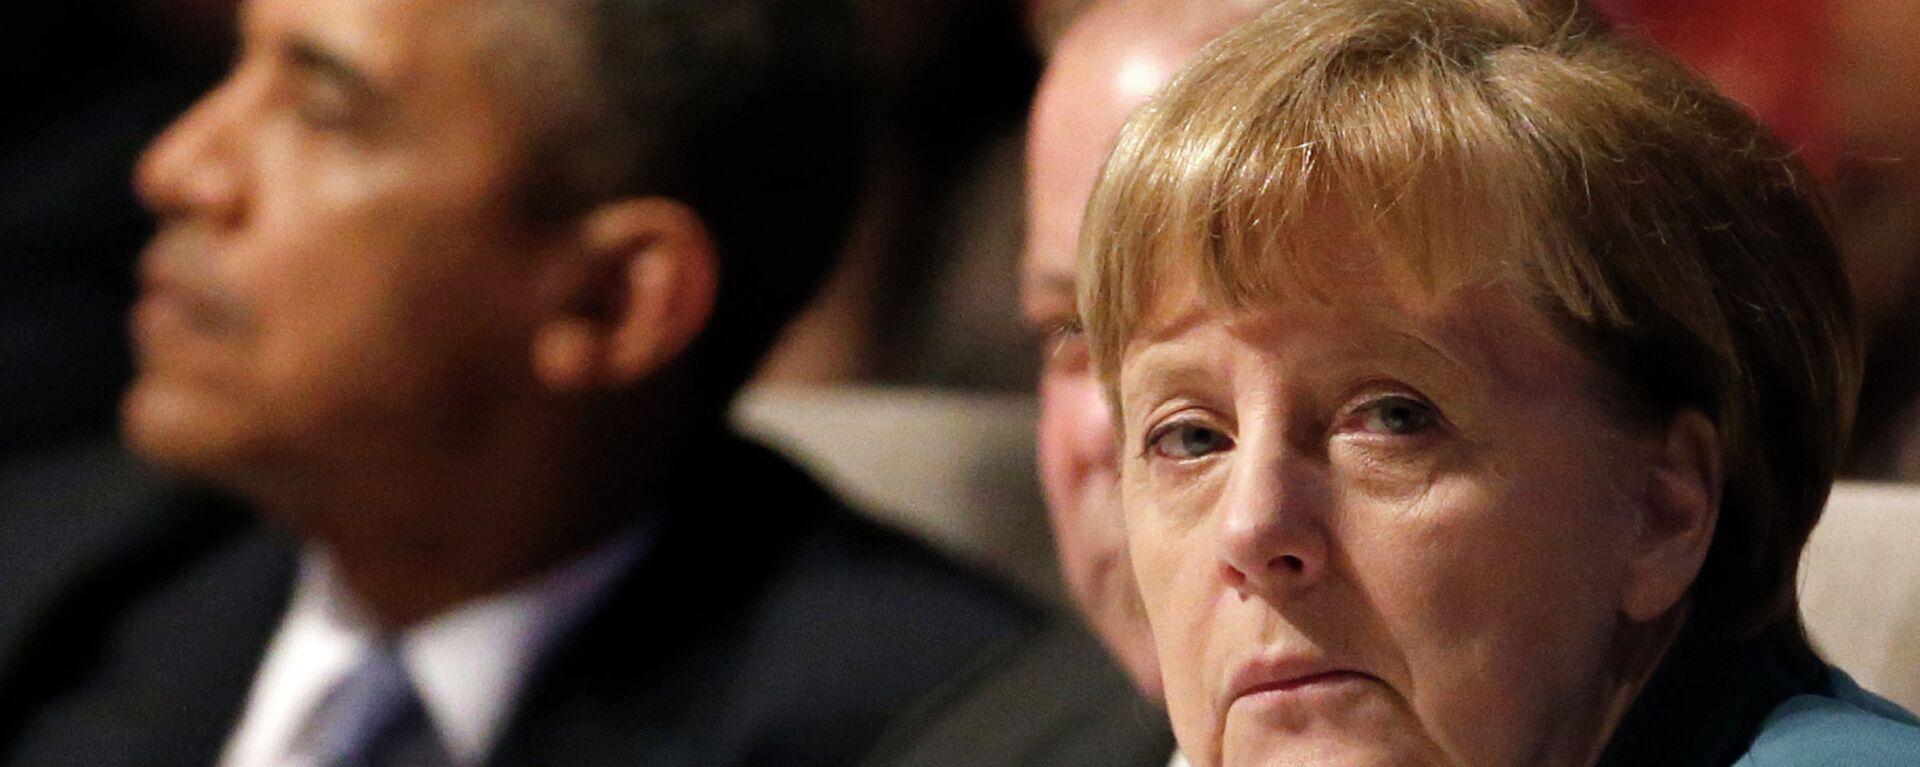 Angela Merkel e Barack Obama - Sputnik Italia, 1920, 24.05.2015